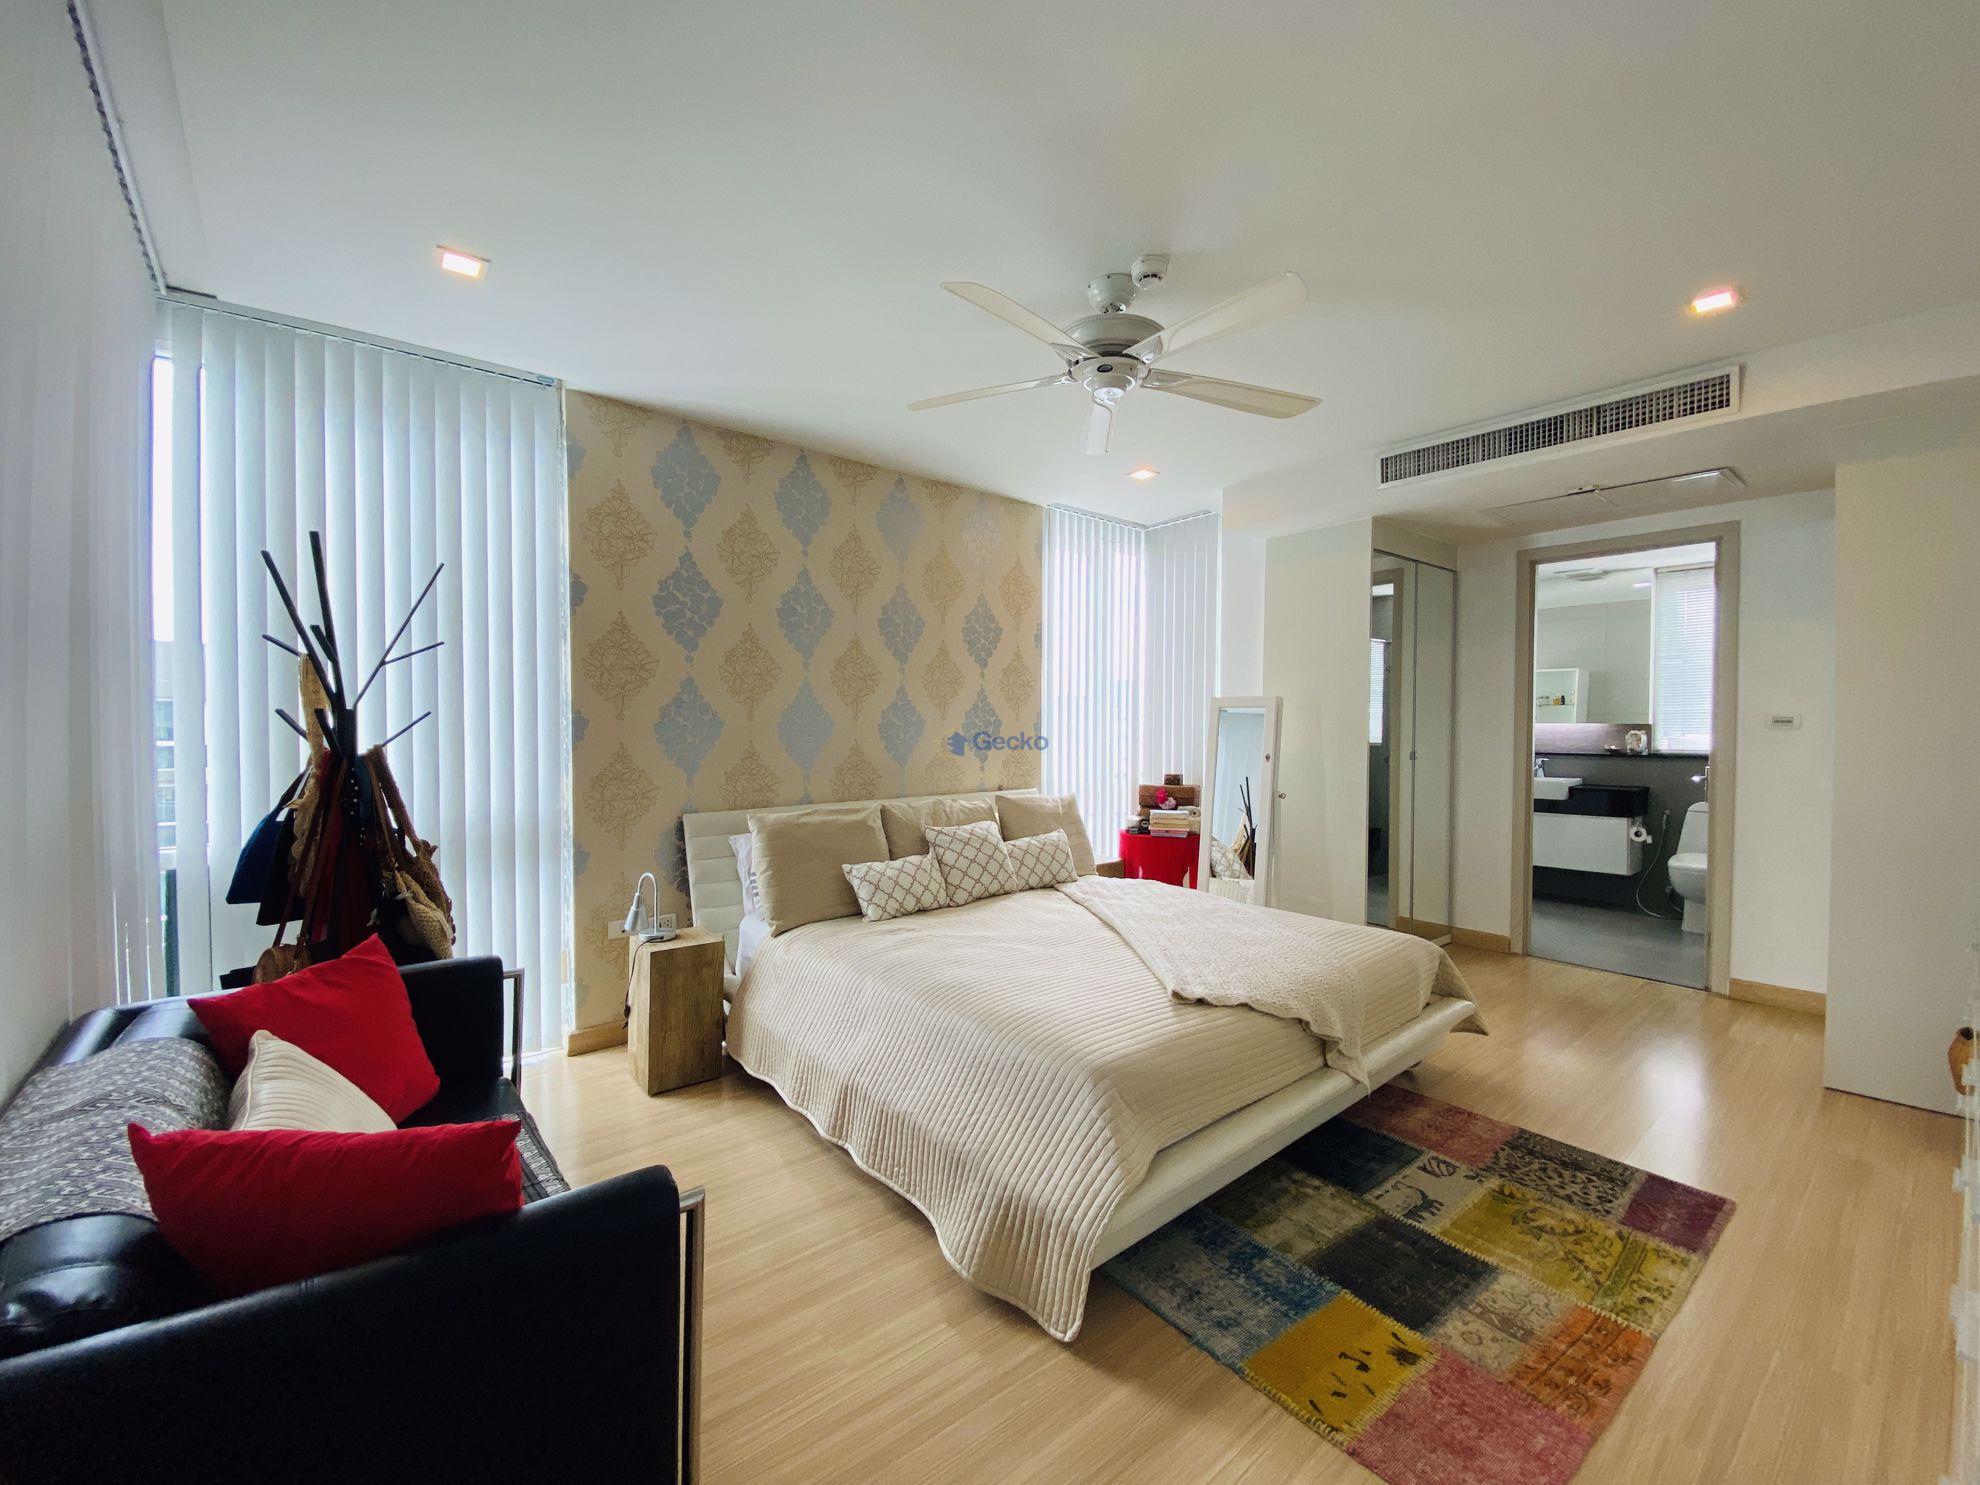 Picture of 3 Bedrooms bed in Condo in Apus Condominium in Pattaya C009257